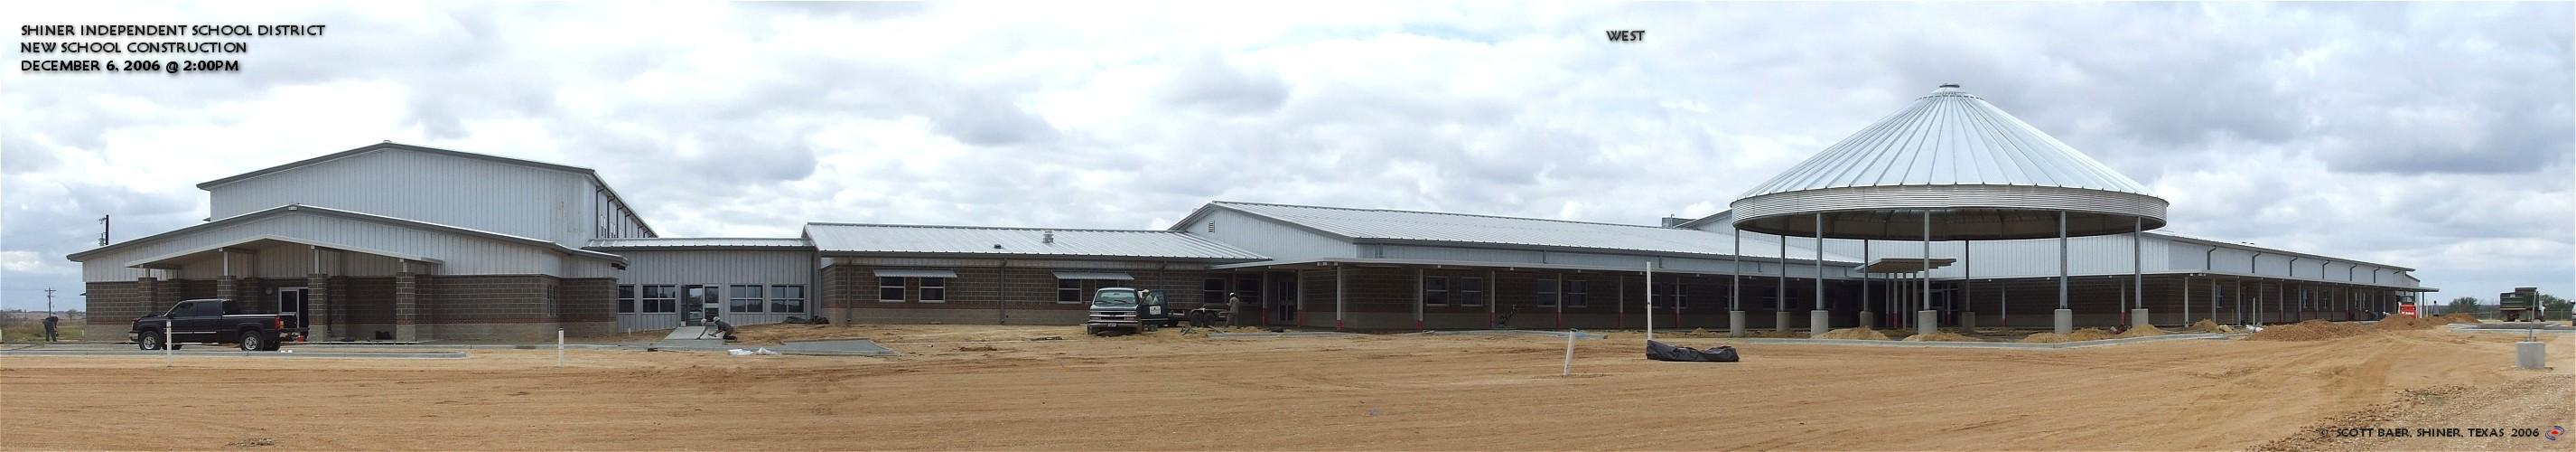 New Shiner School Construction - December 6, 2006